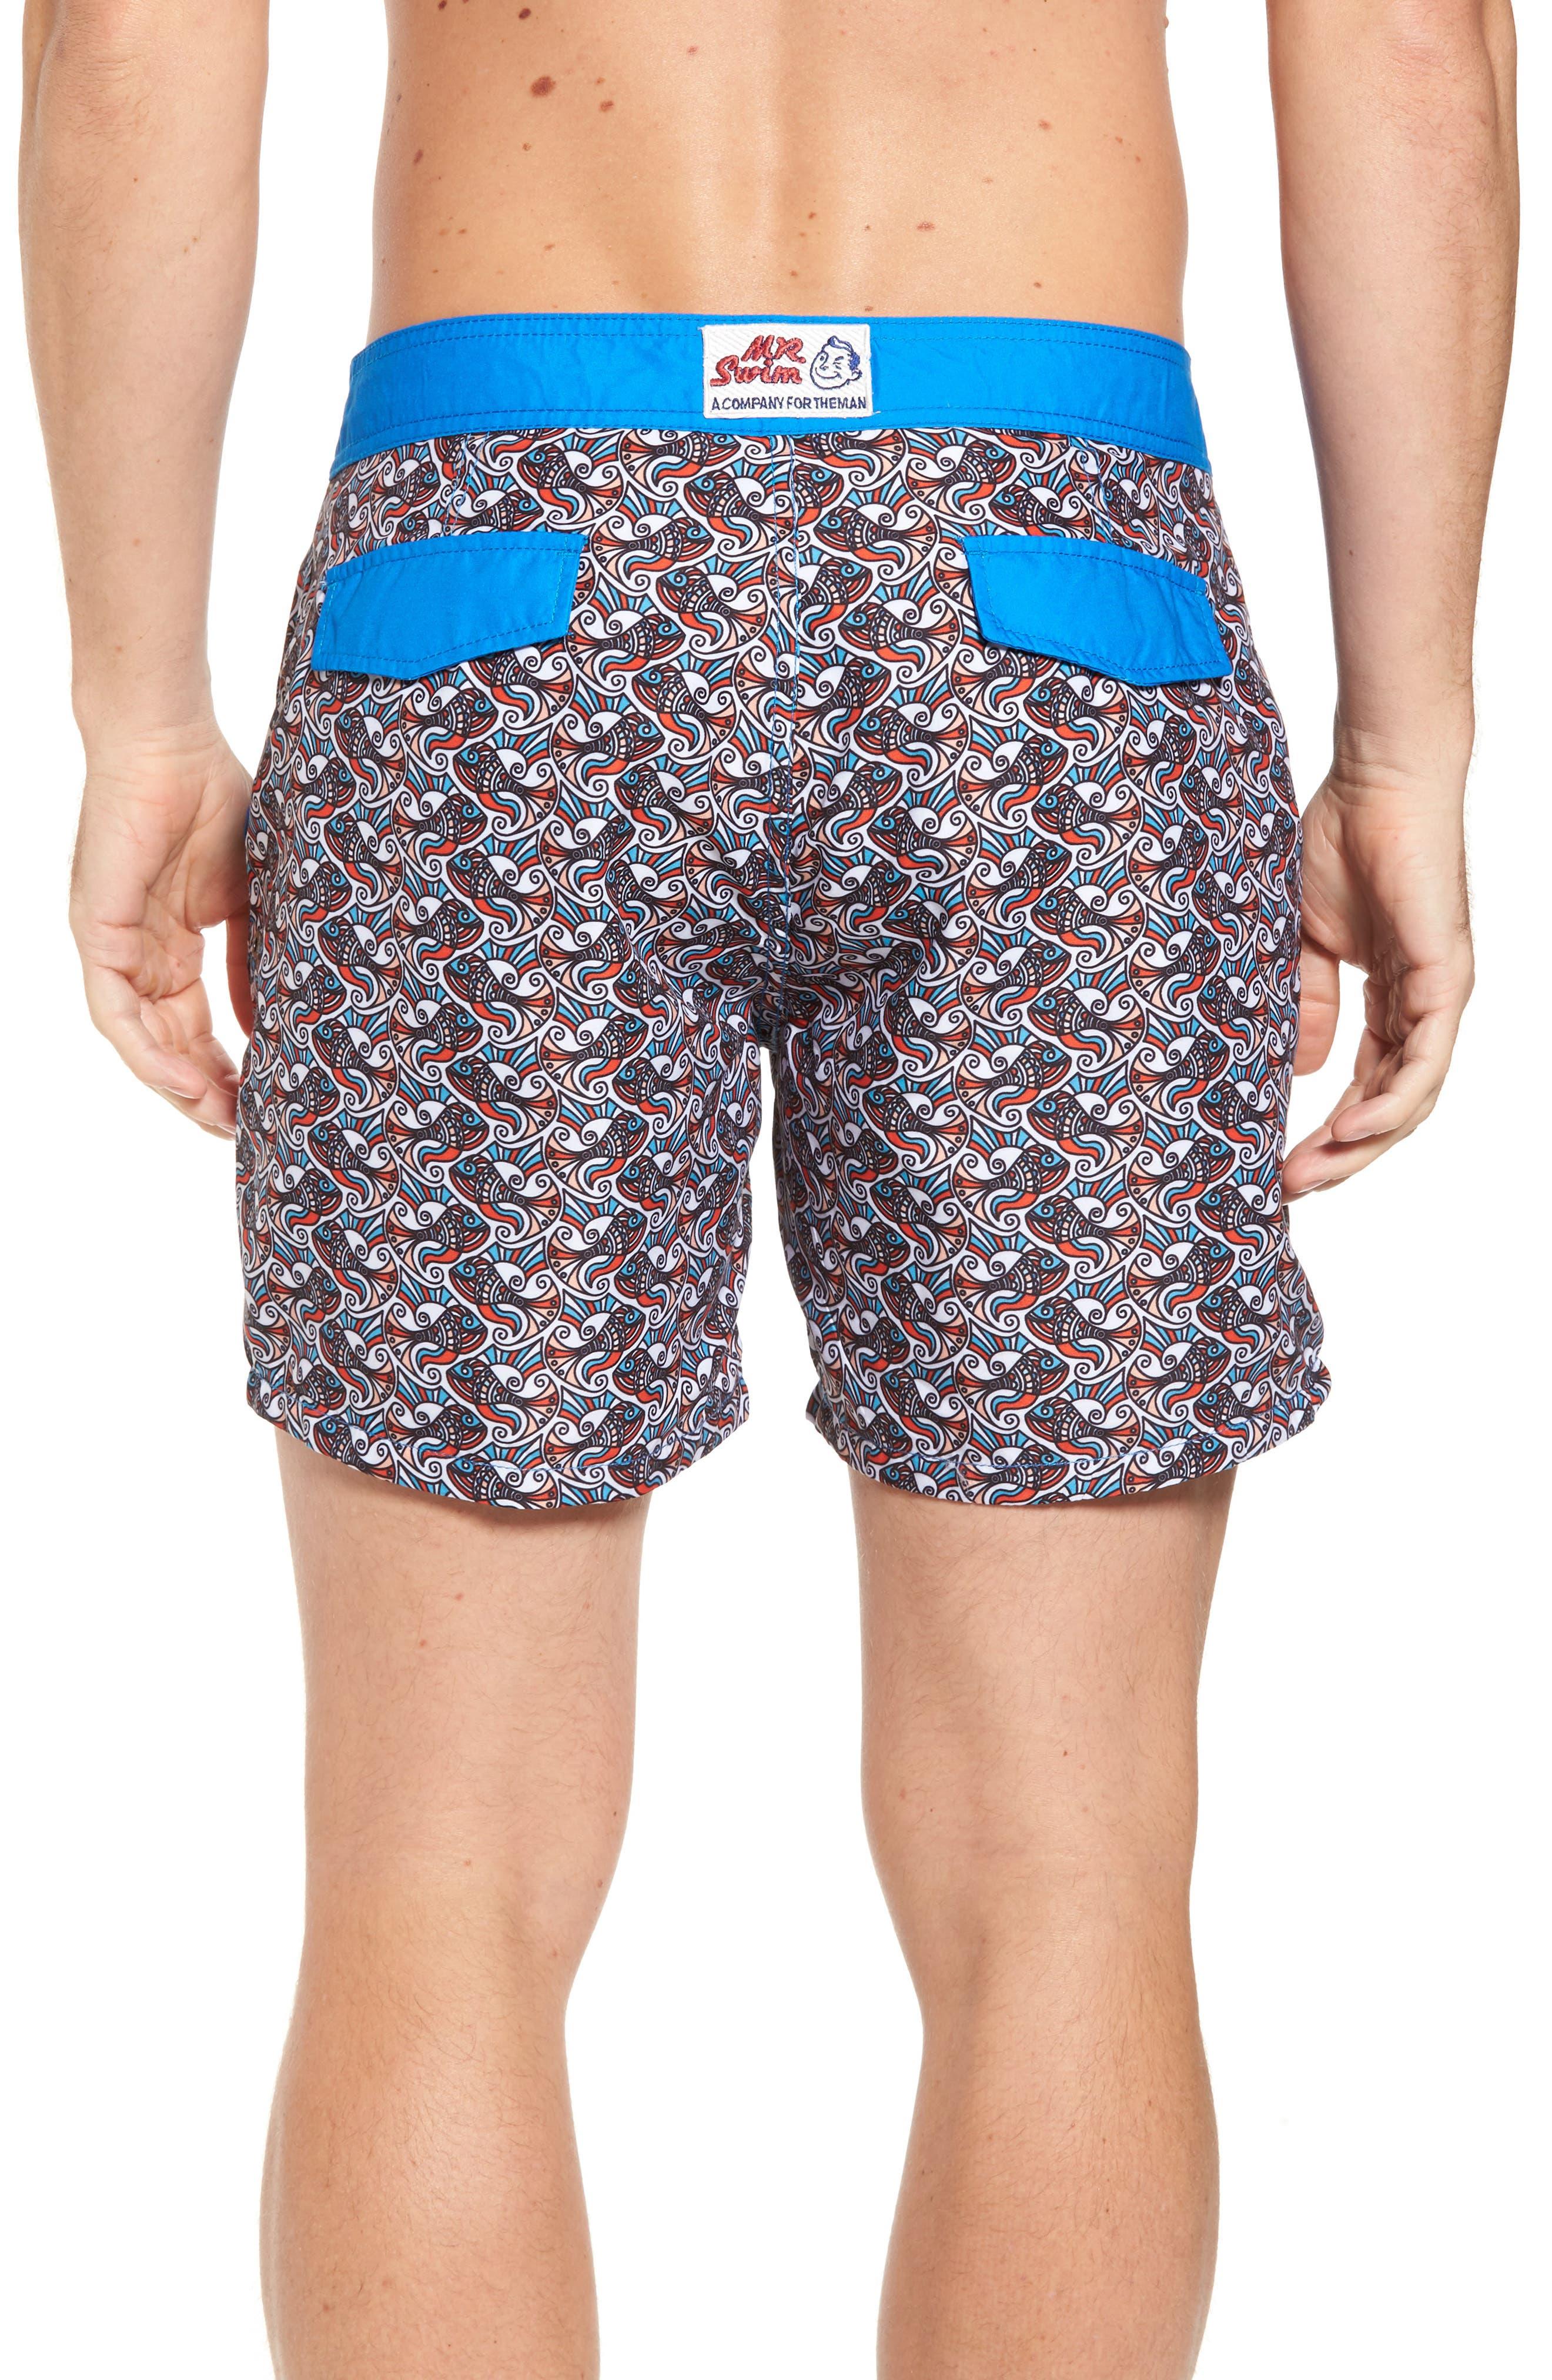 Alternate Image 2  - Mr. Swim Fish Swirls Print Swim Trunks